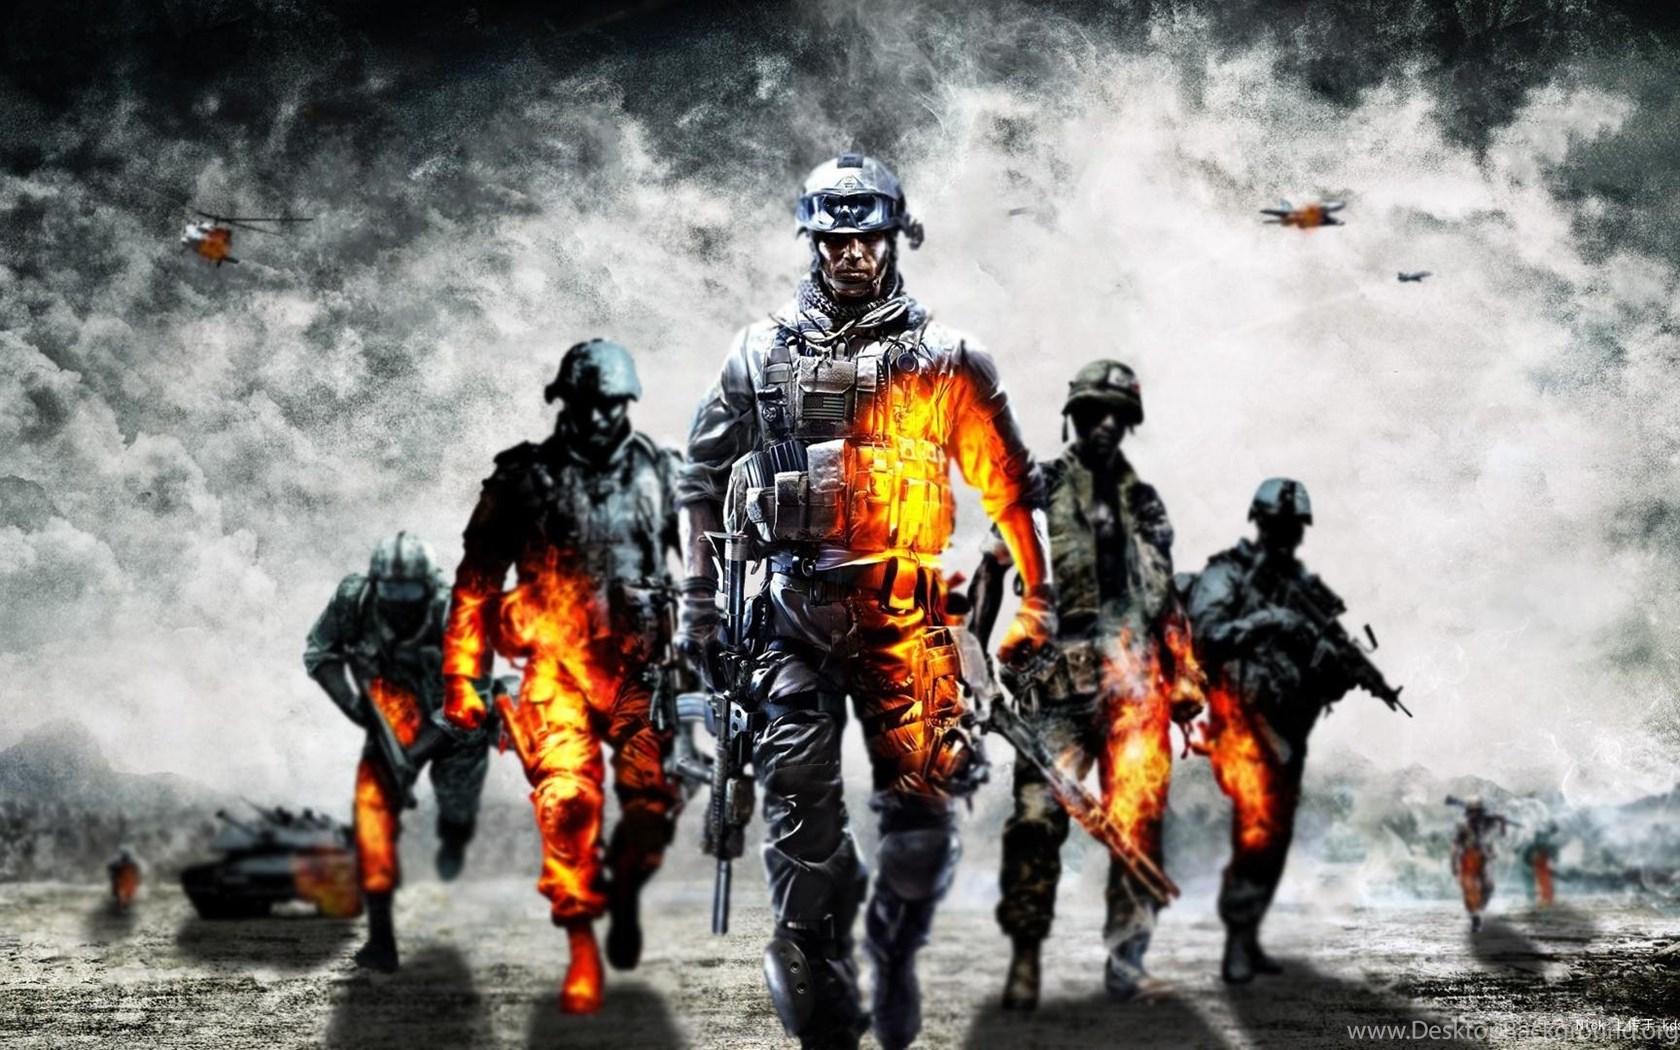 Battlefield 4 games wallpaper live wallpaper hd for ...